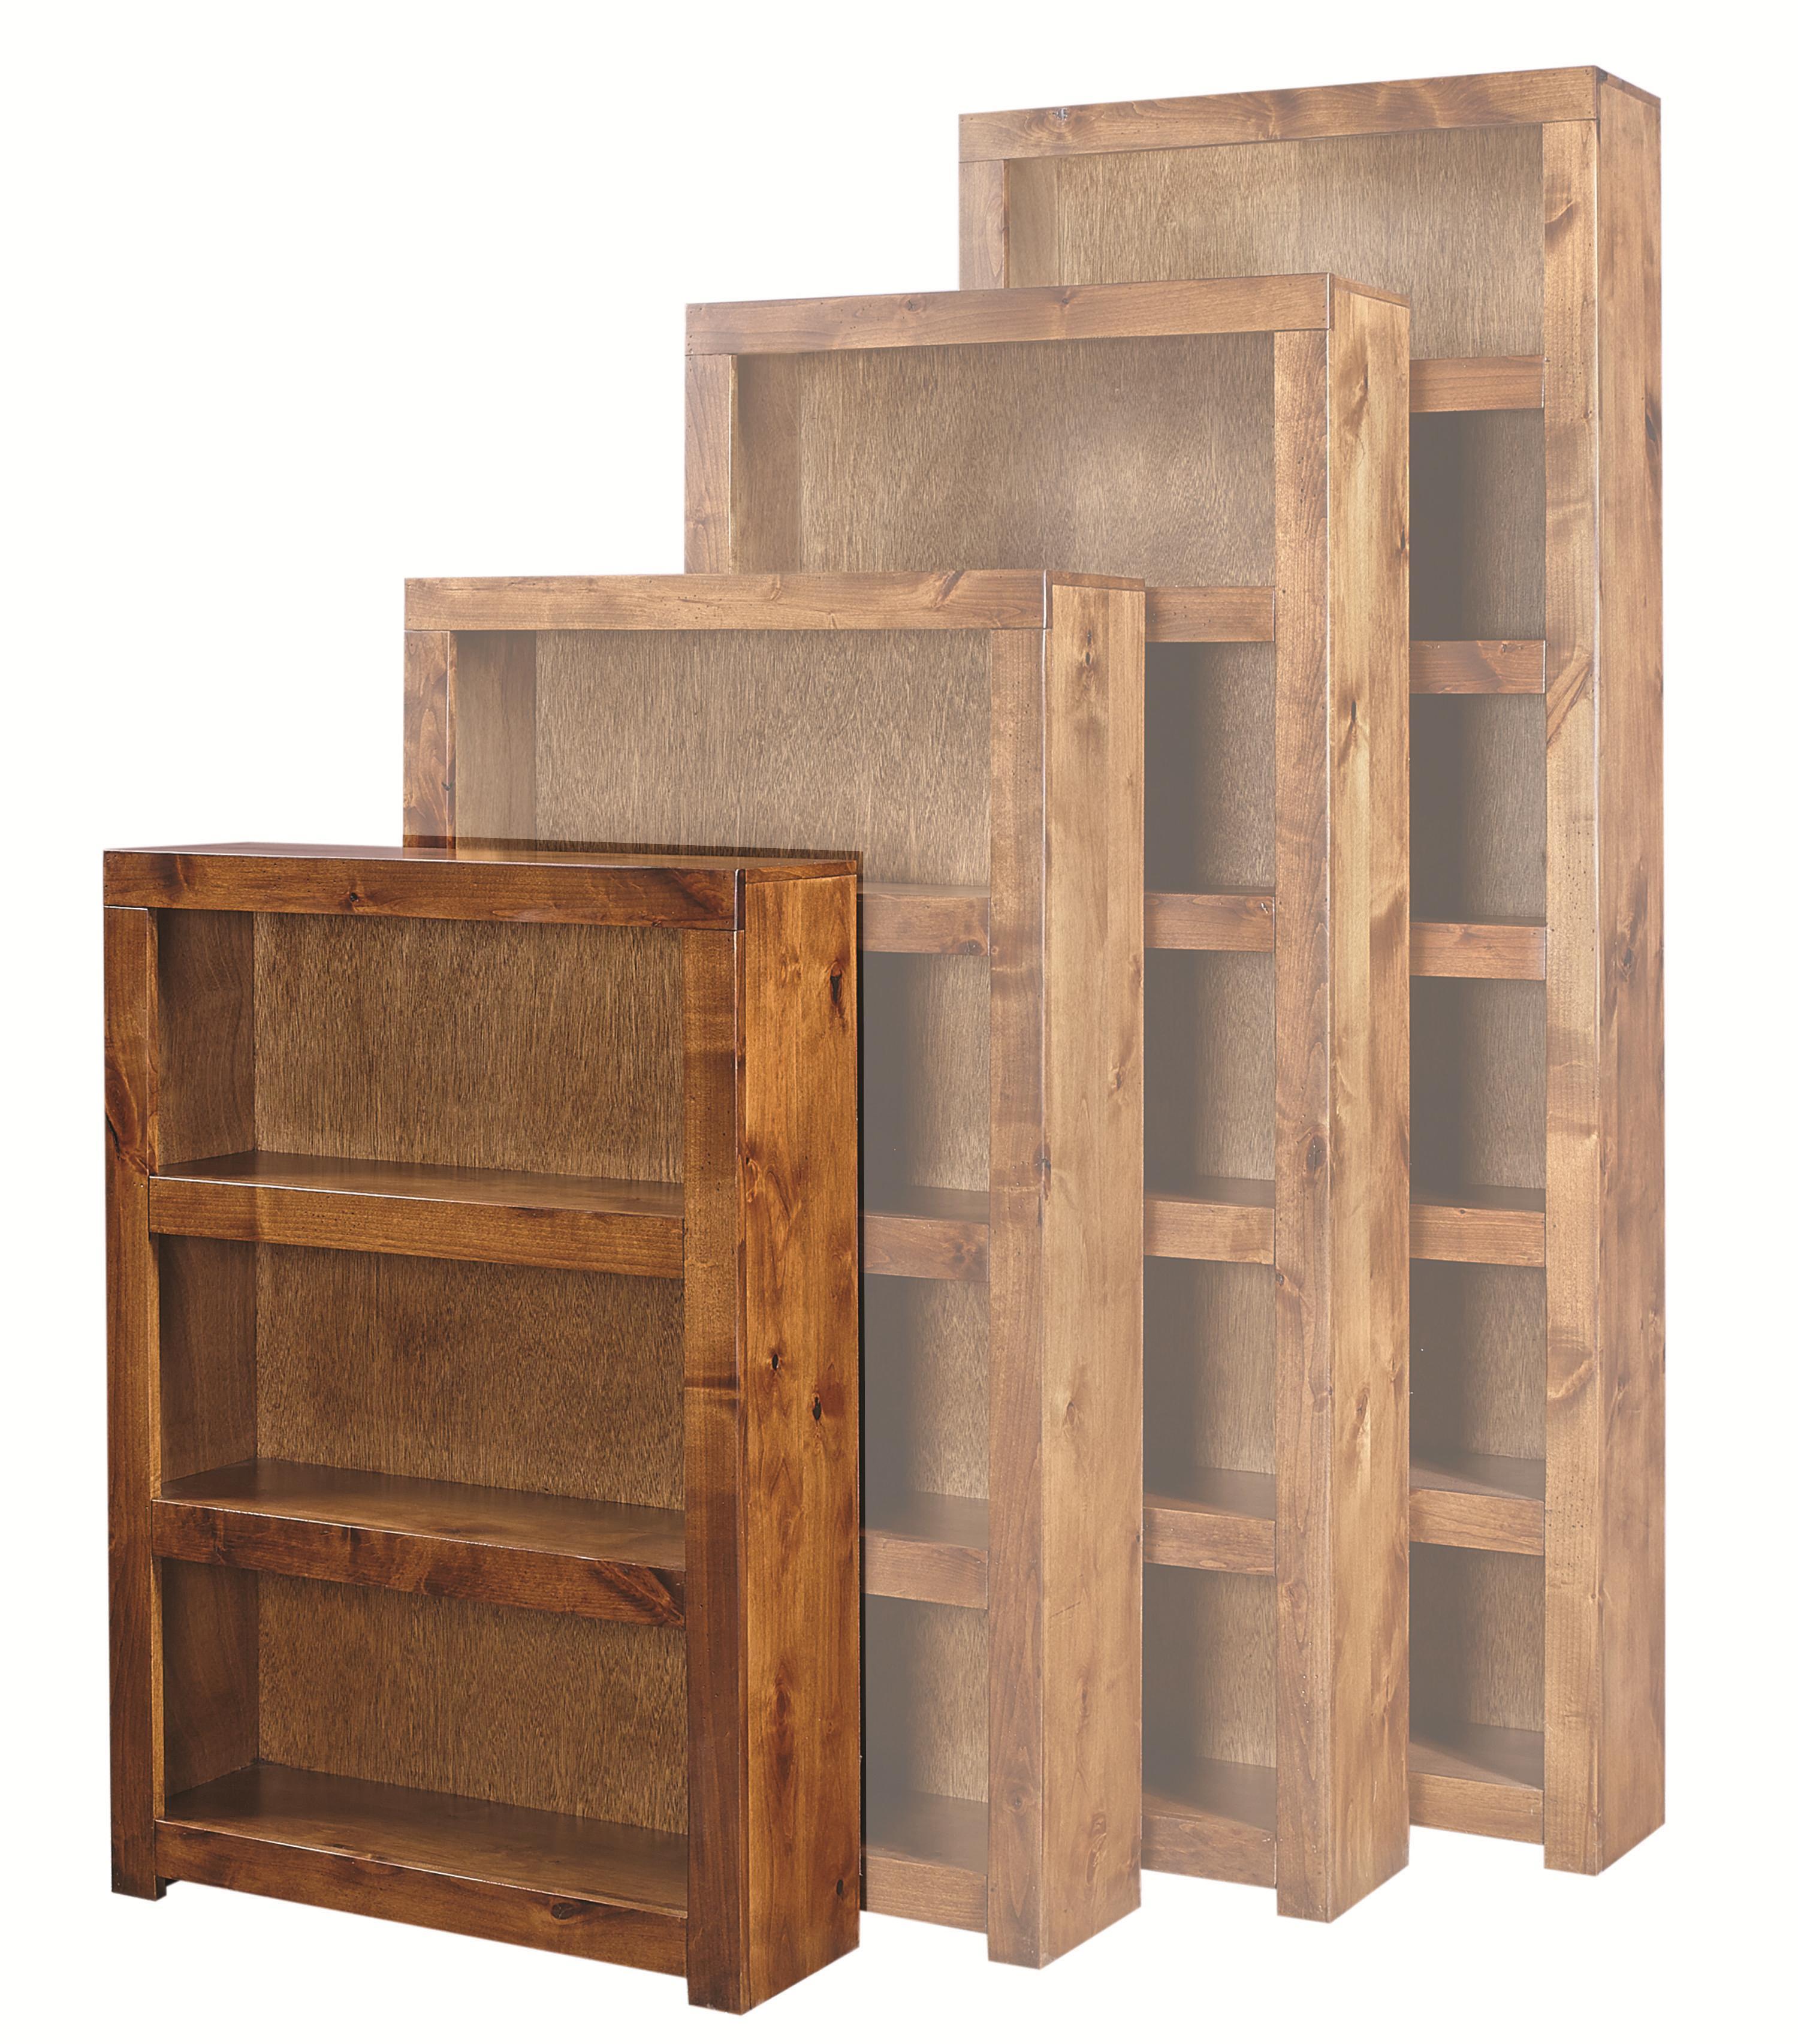 Aspenhome Contemporary Alder 48 Inch Bookcase With 2